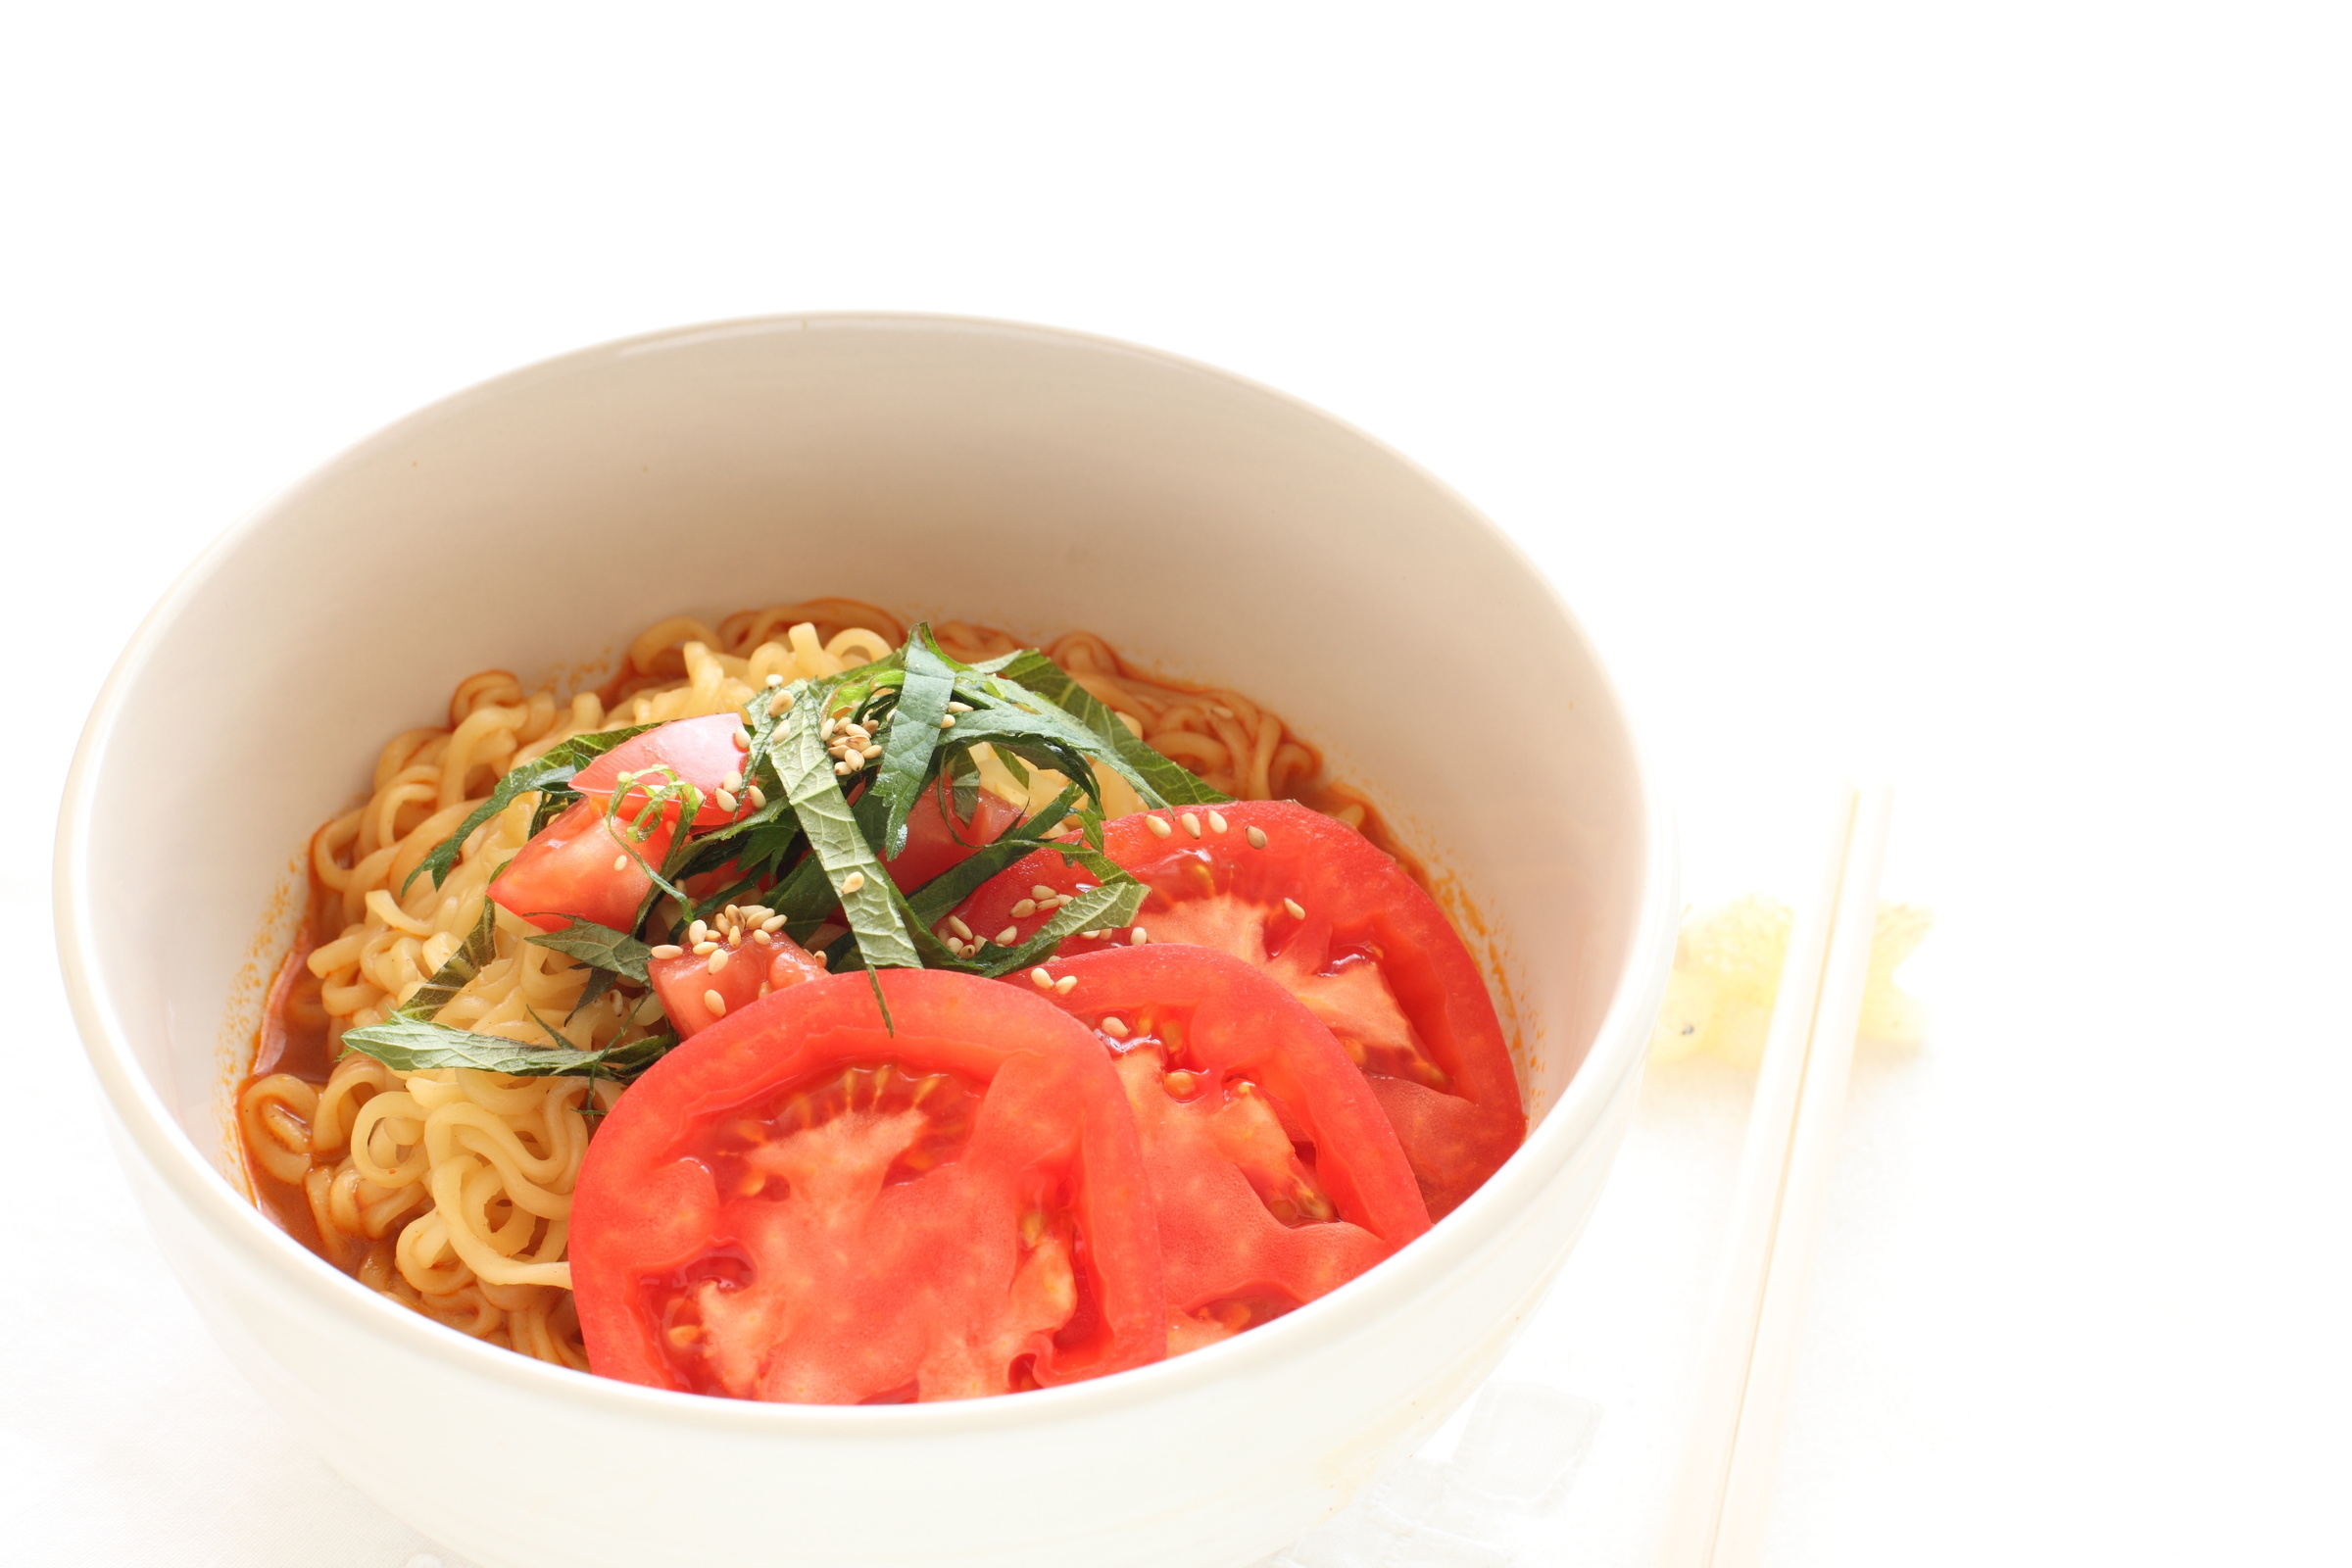 トマト麺アレンジのイメージ写真